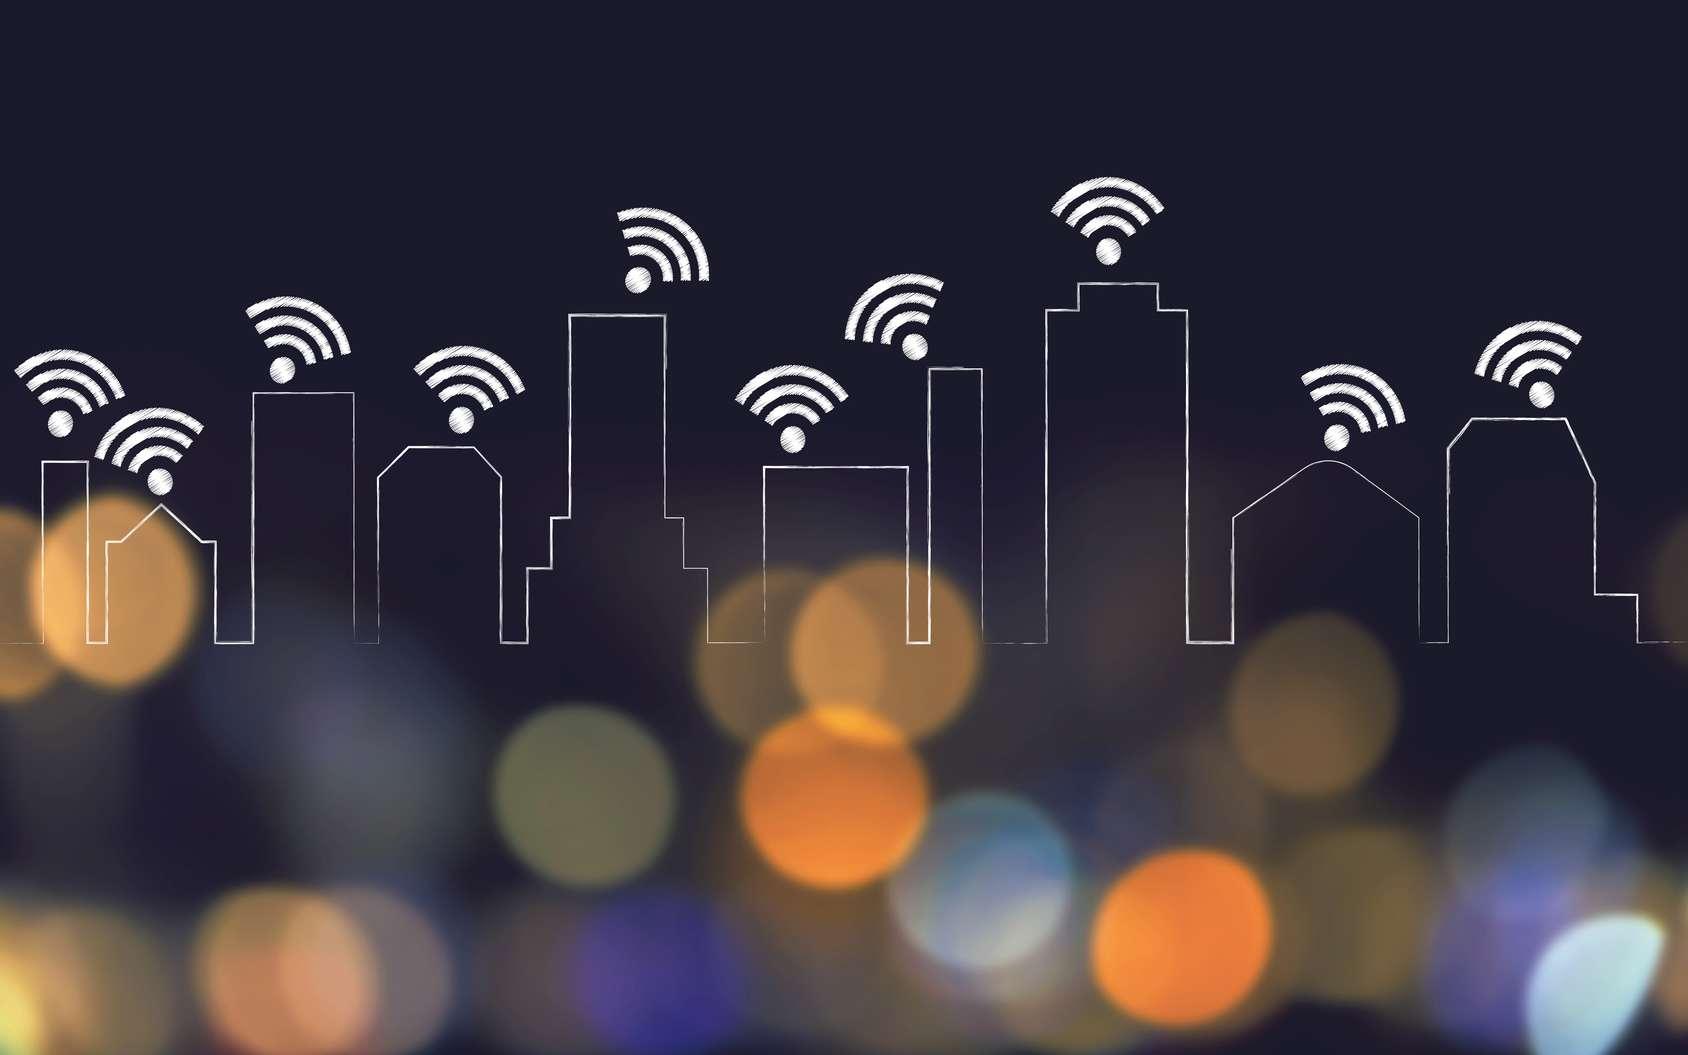 Le Wi-Fi est partout. Avec qui le partagez-vous ? © faithie, fotolia